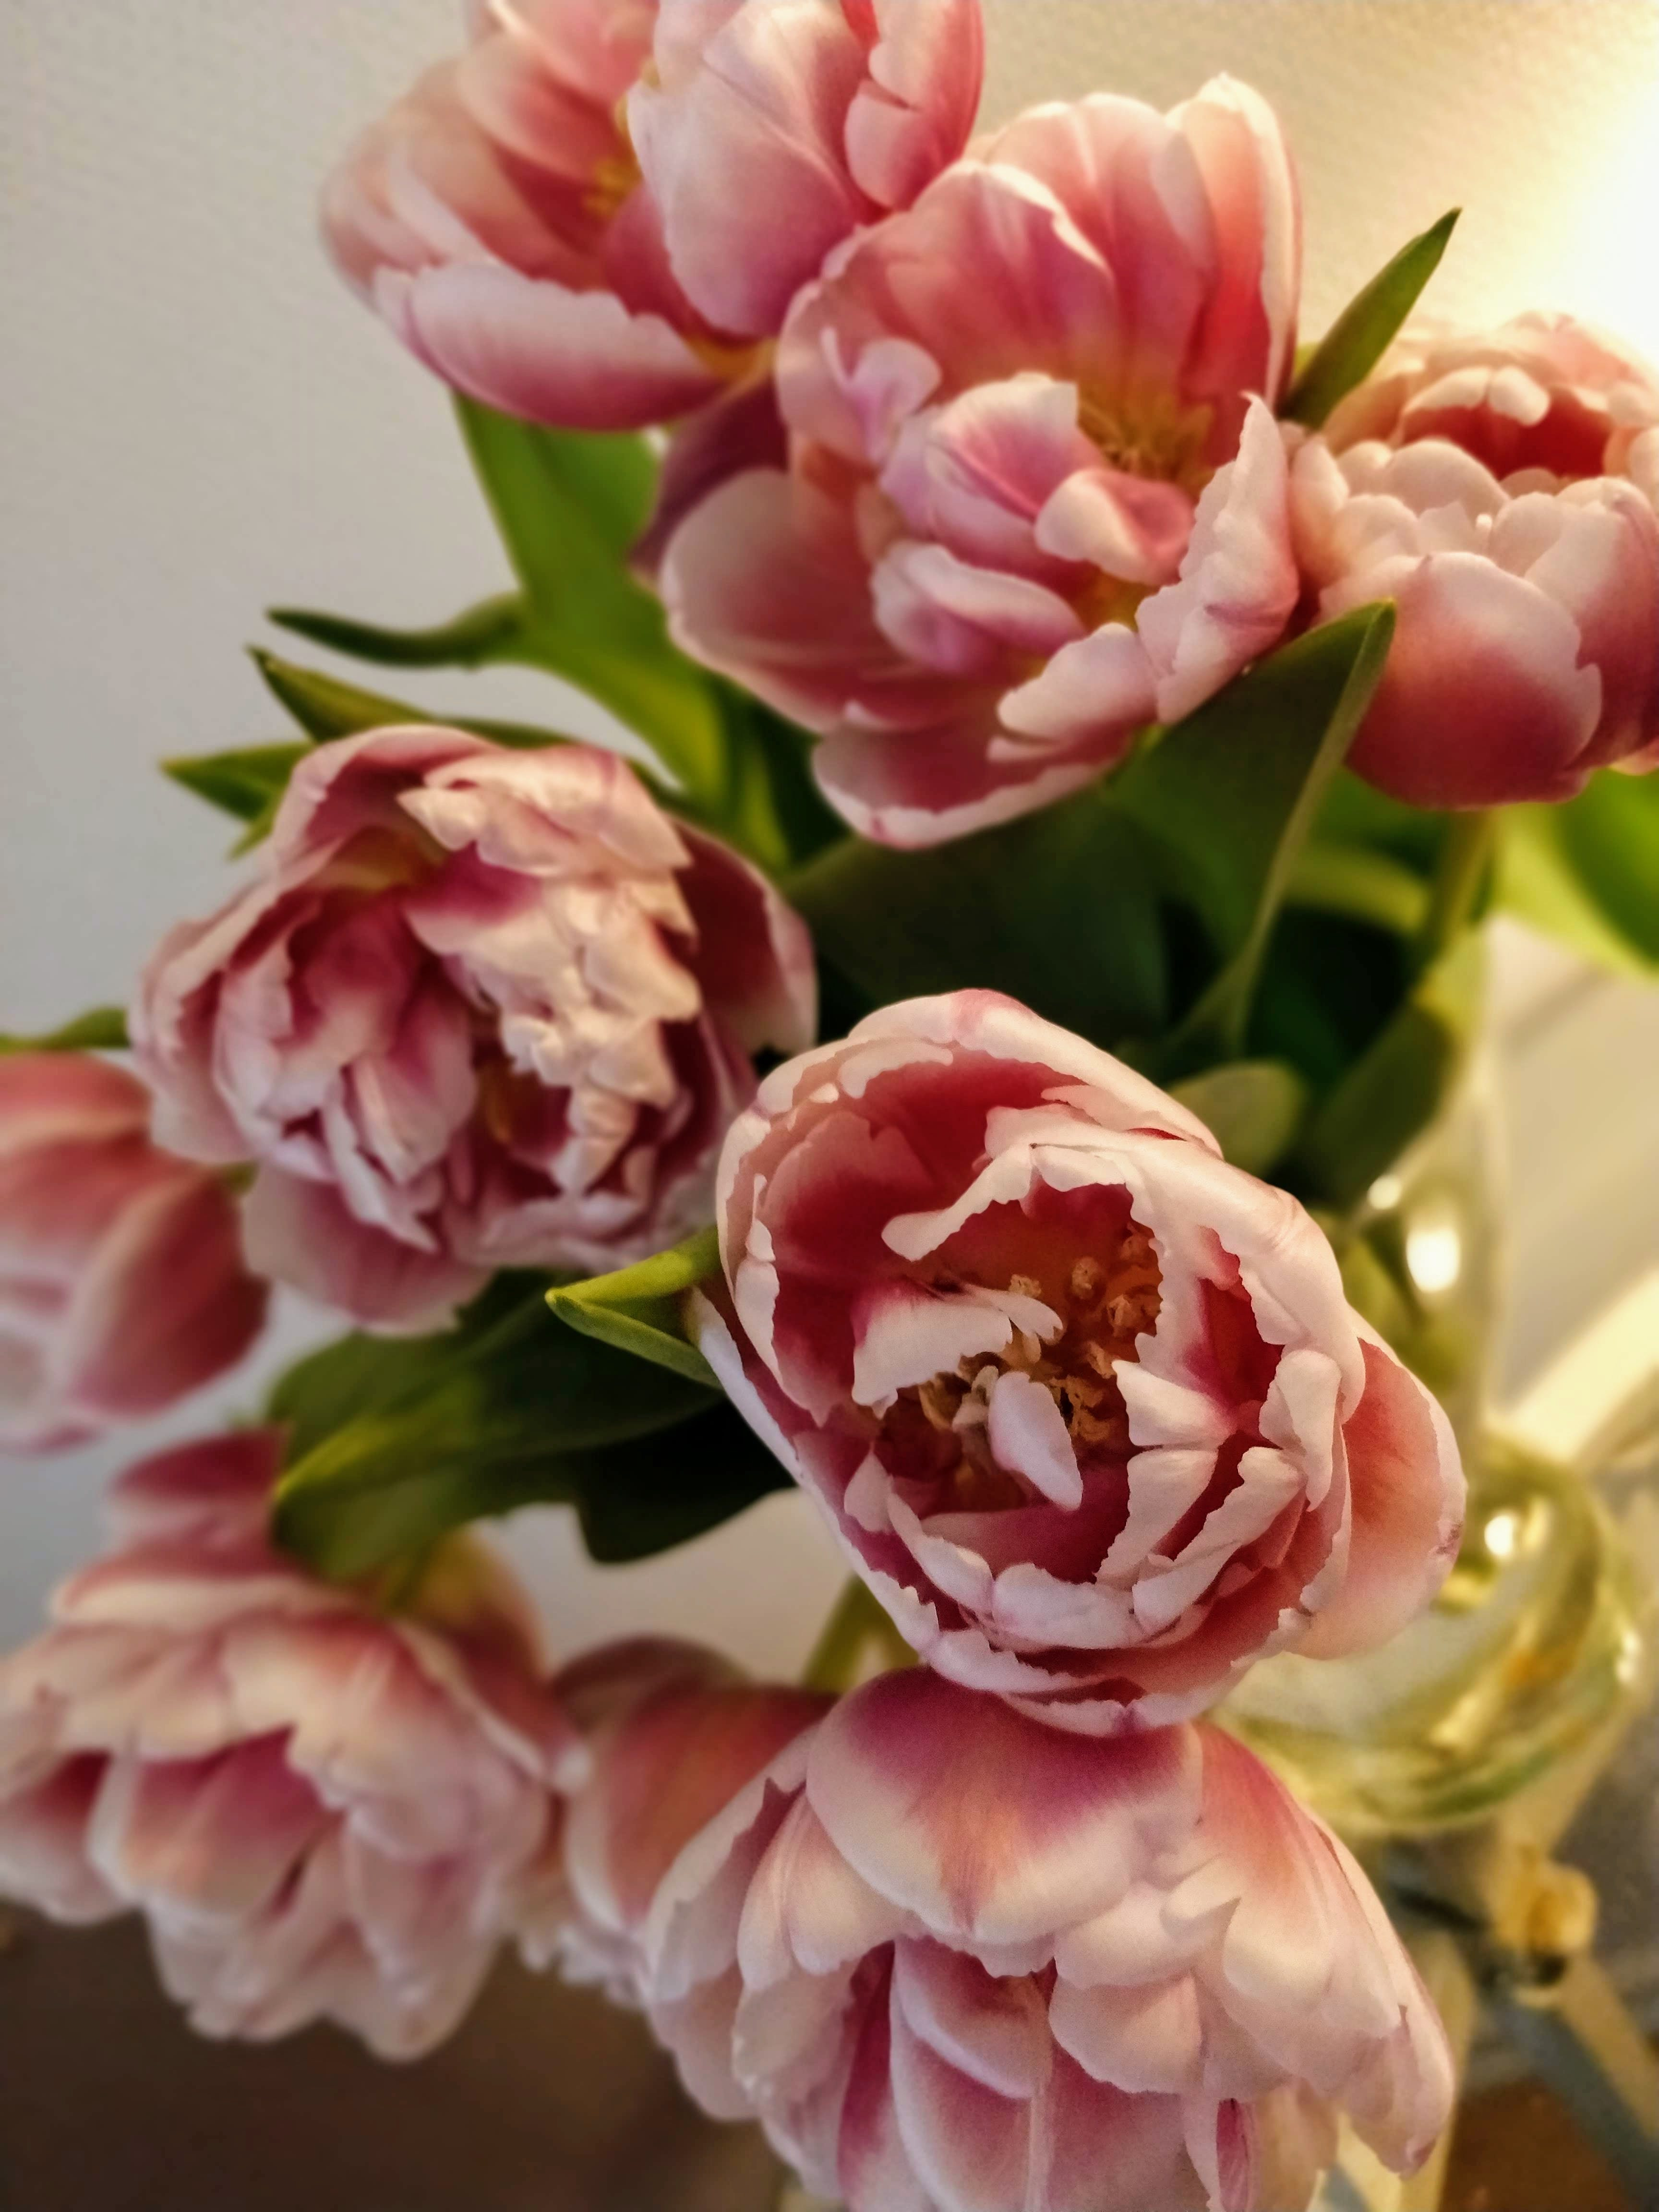 Gratis lagerfoto af blomstervase, forårsblomster, pink tulipaner, Tulipaner